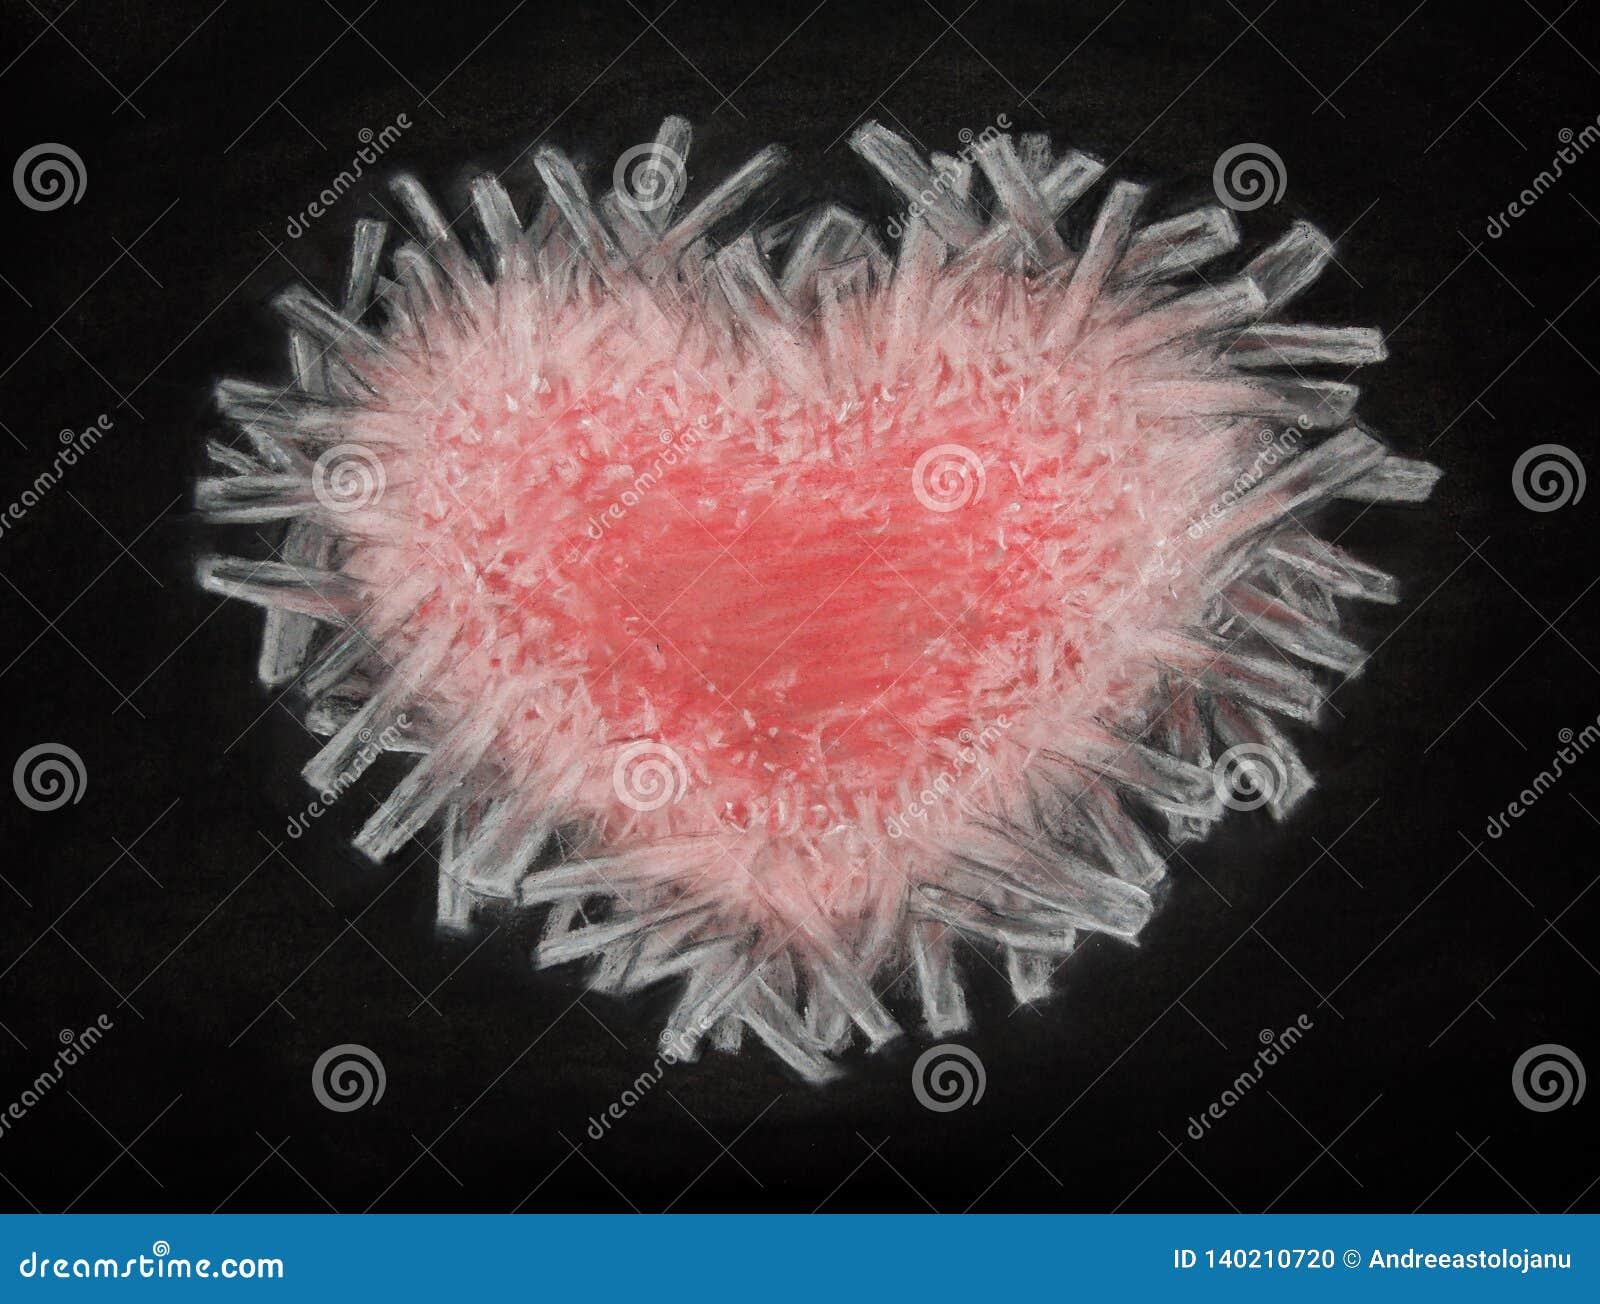 Węgla drzewnego rysunek odizolowywający na czarnym tle zamarznięty serce, czerwony serce lód, złamane serce, miłość